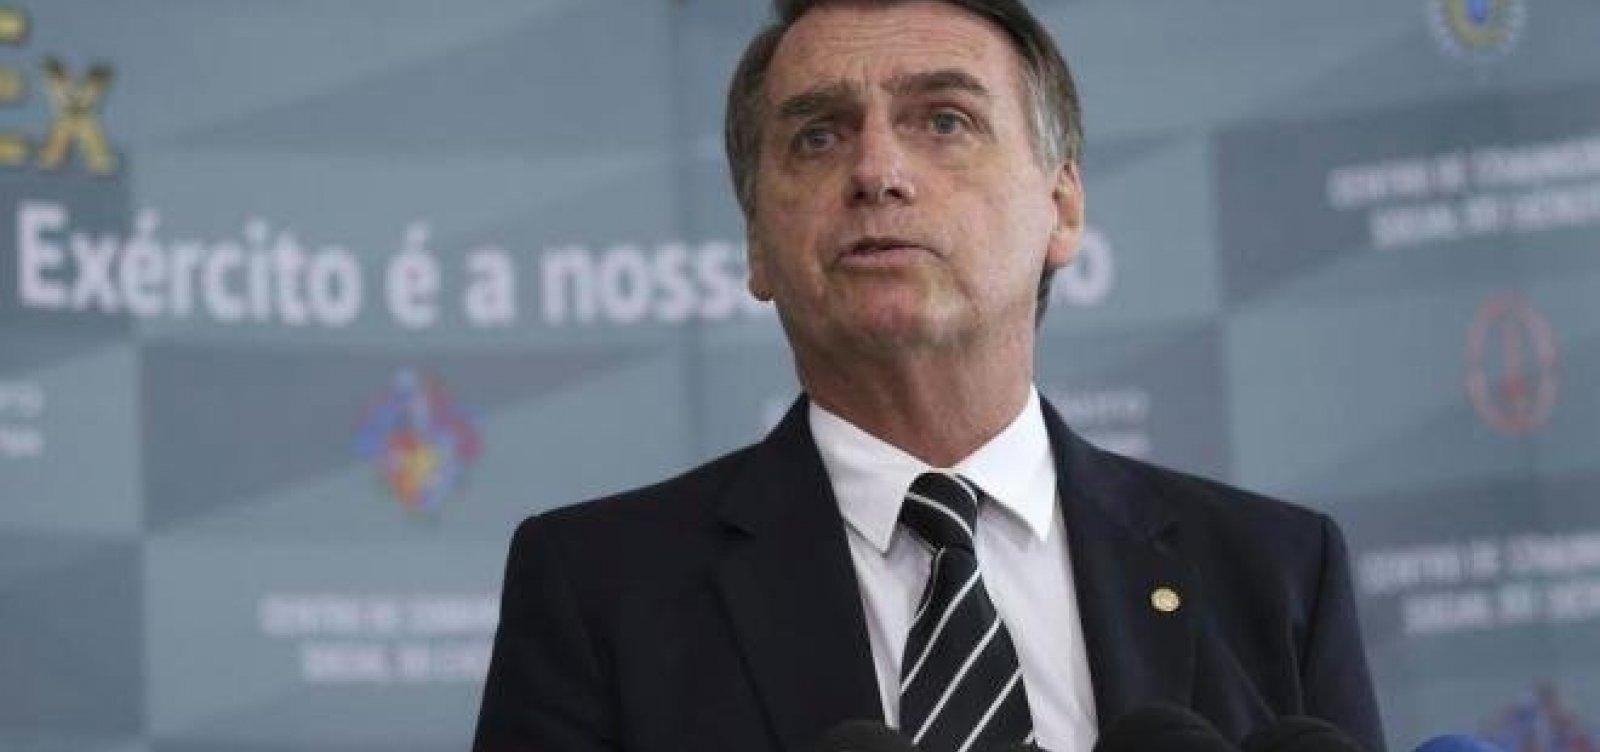 [Mesmo com risco de derrota, Bolsonaro não revogará decretos de armas]